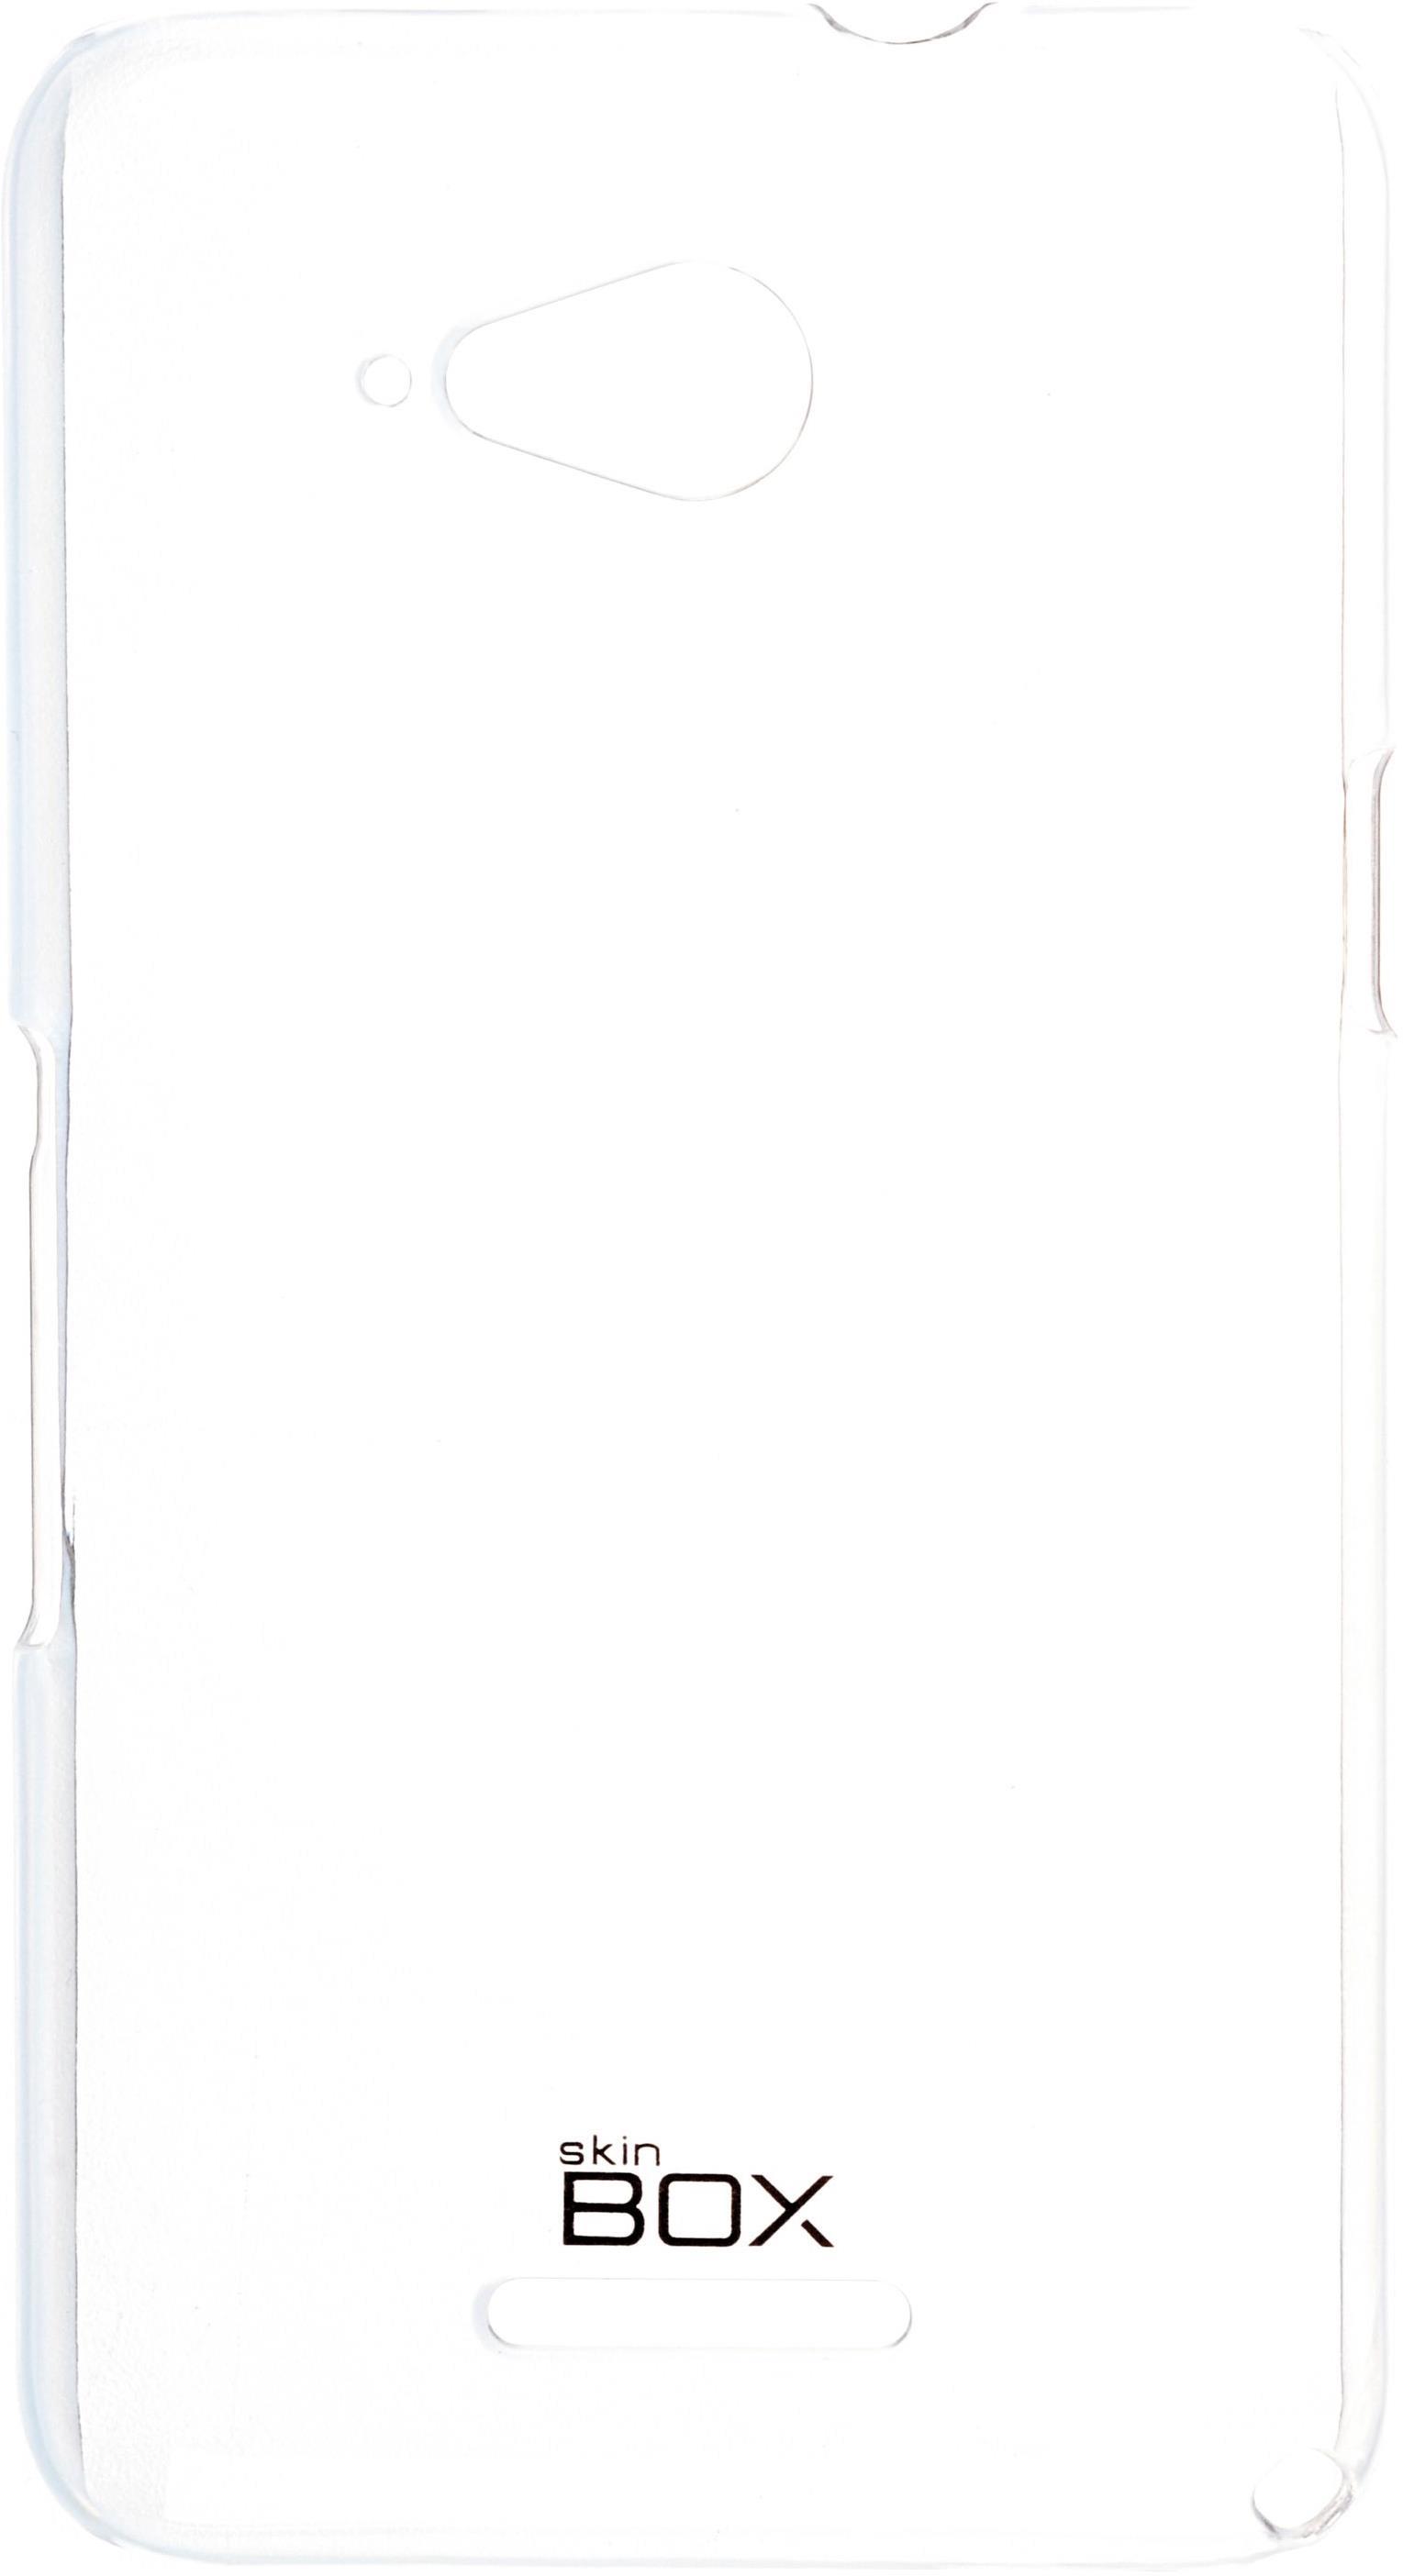 Чехол для сотового телефона skinBOX Crystal, 4630042527959, прозрачный чехол для сотового телефона skinbox crystal 4630042528109 прозрачный